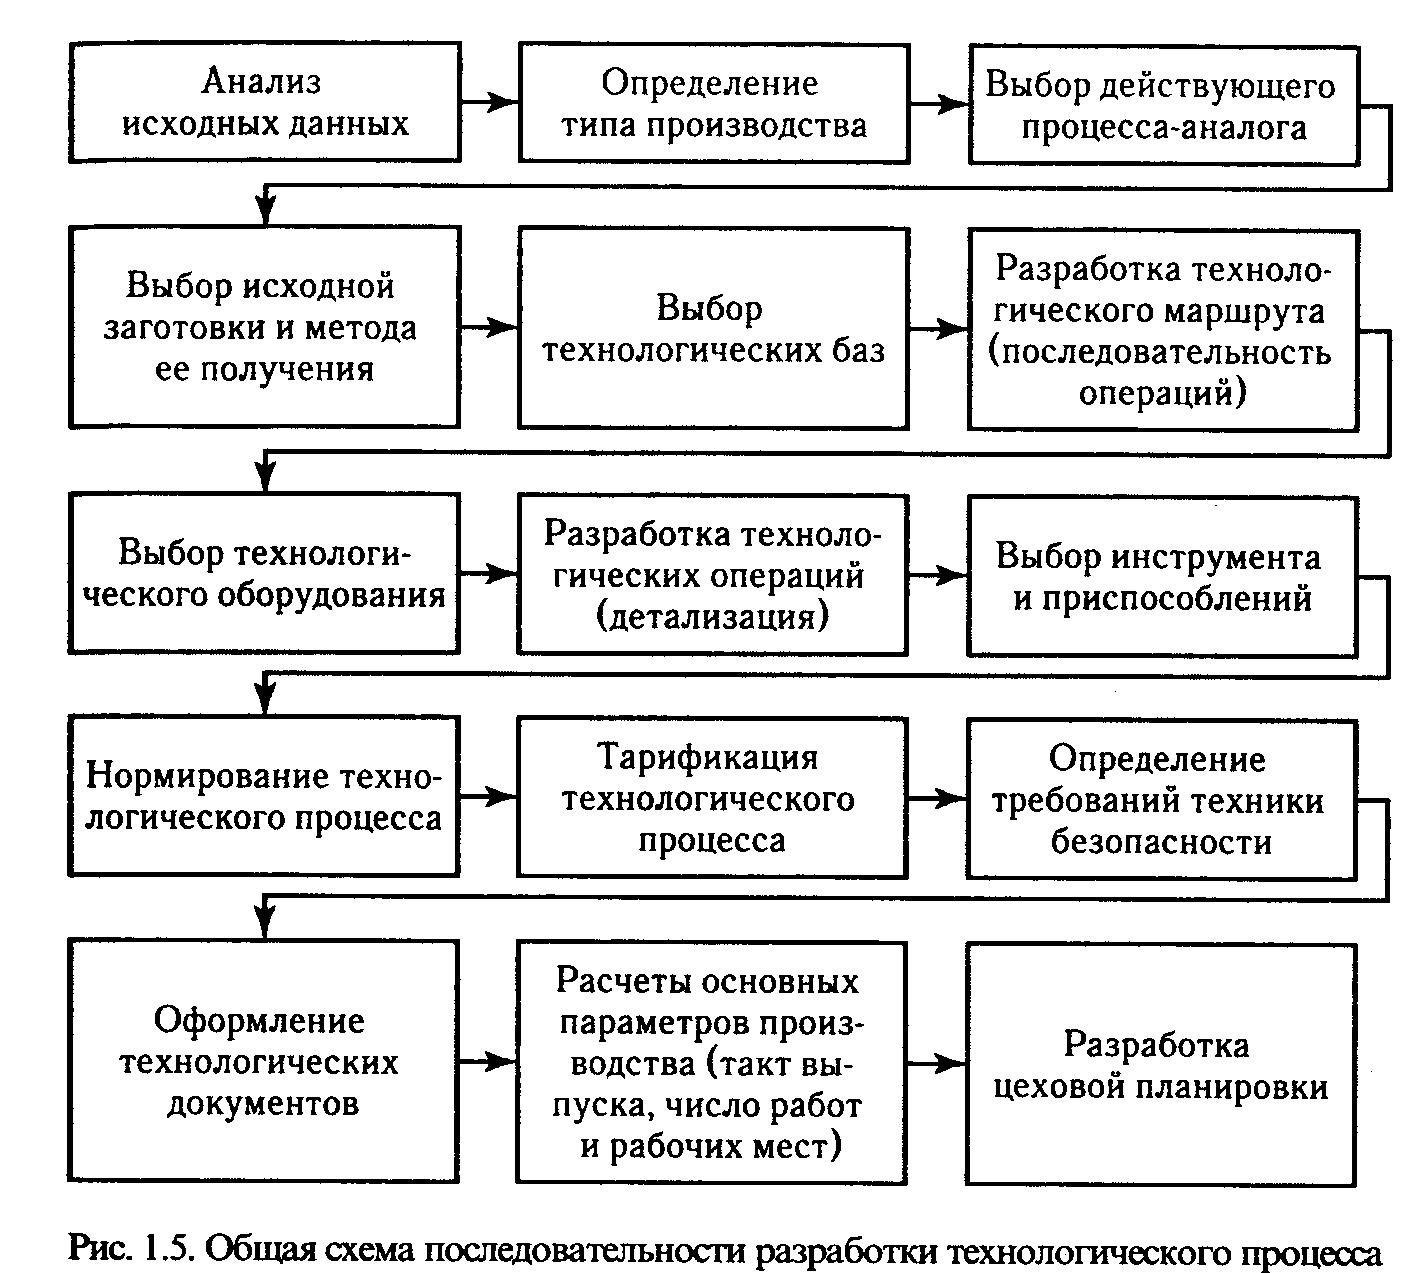 Гост 3.1109-82 единая система технологической документации (естд). термины и определения основных понятий (с изменением n 1), гост от 30 июля 1982 года №3.1109-82